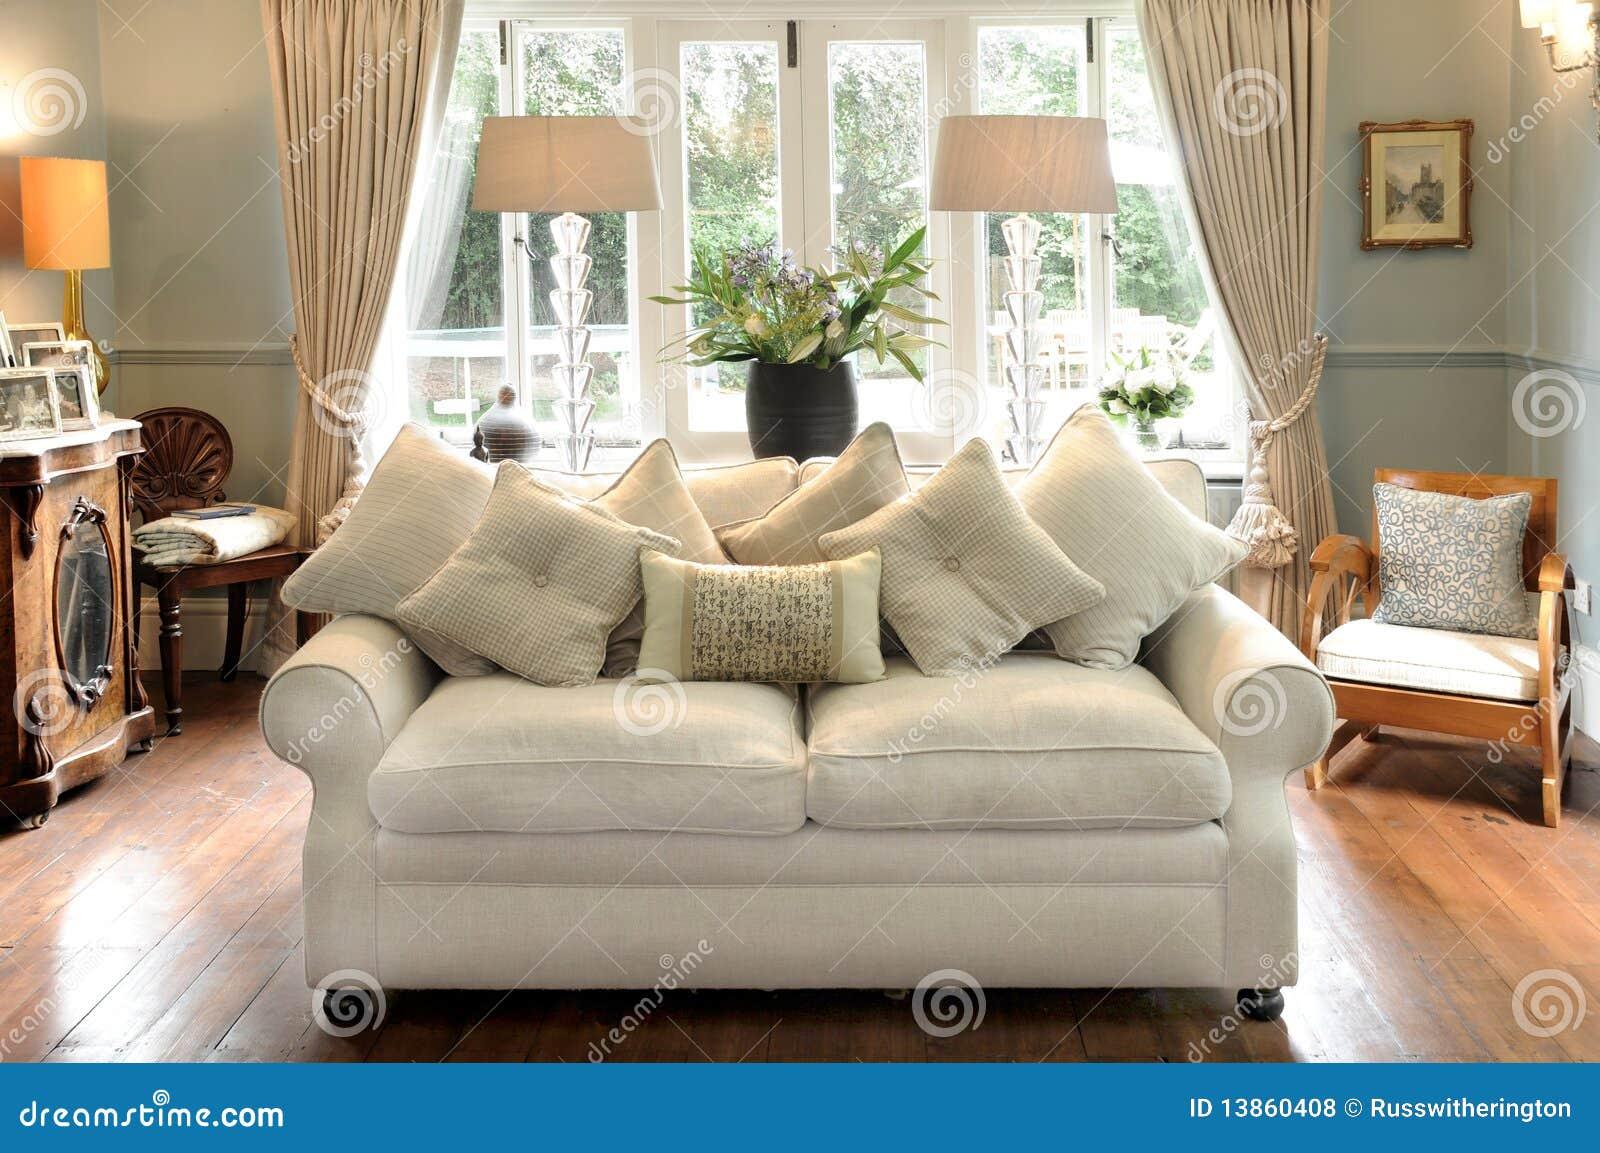 Sofa und Aufenthaltsraum